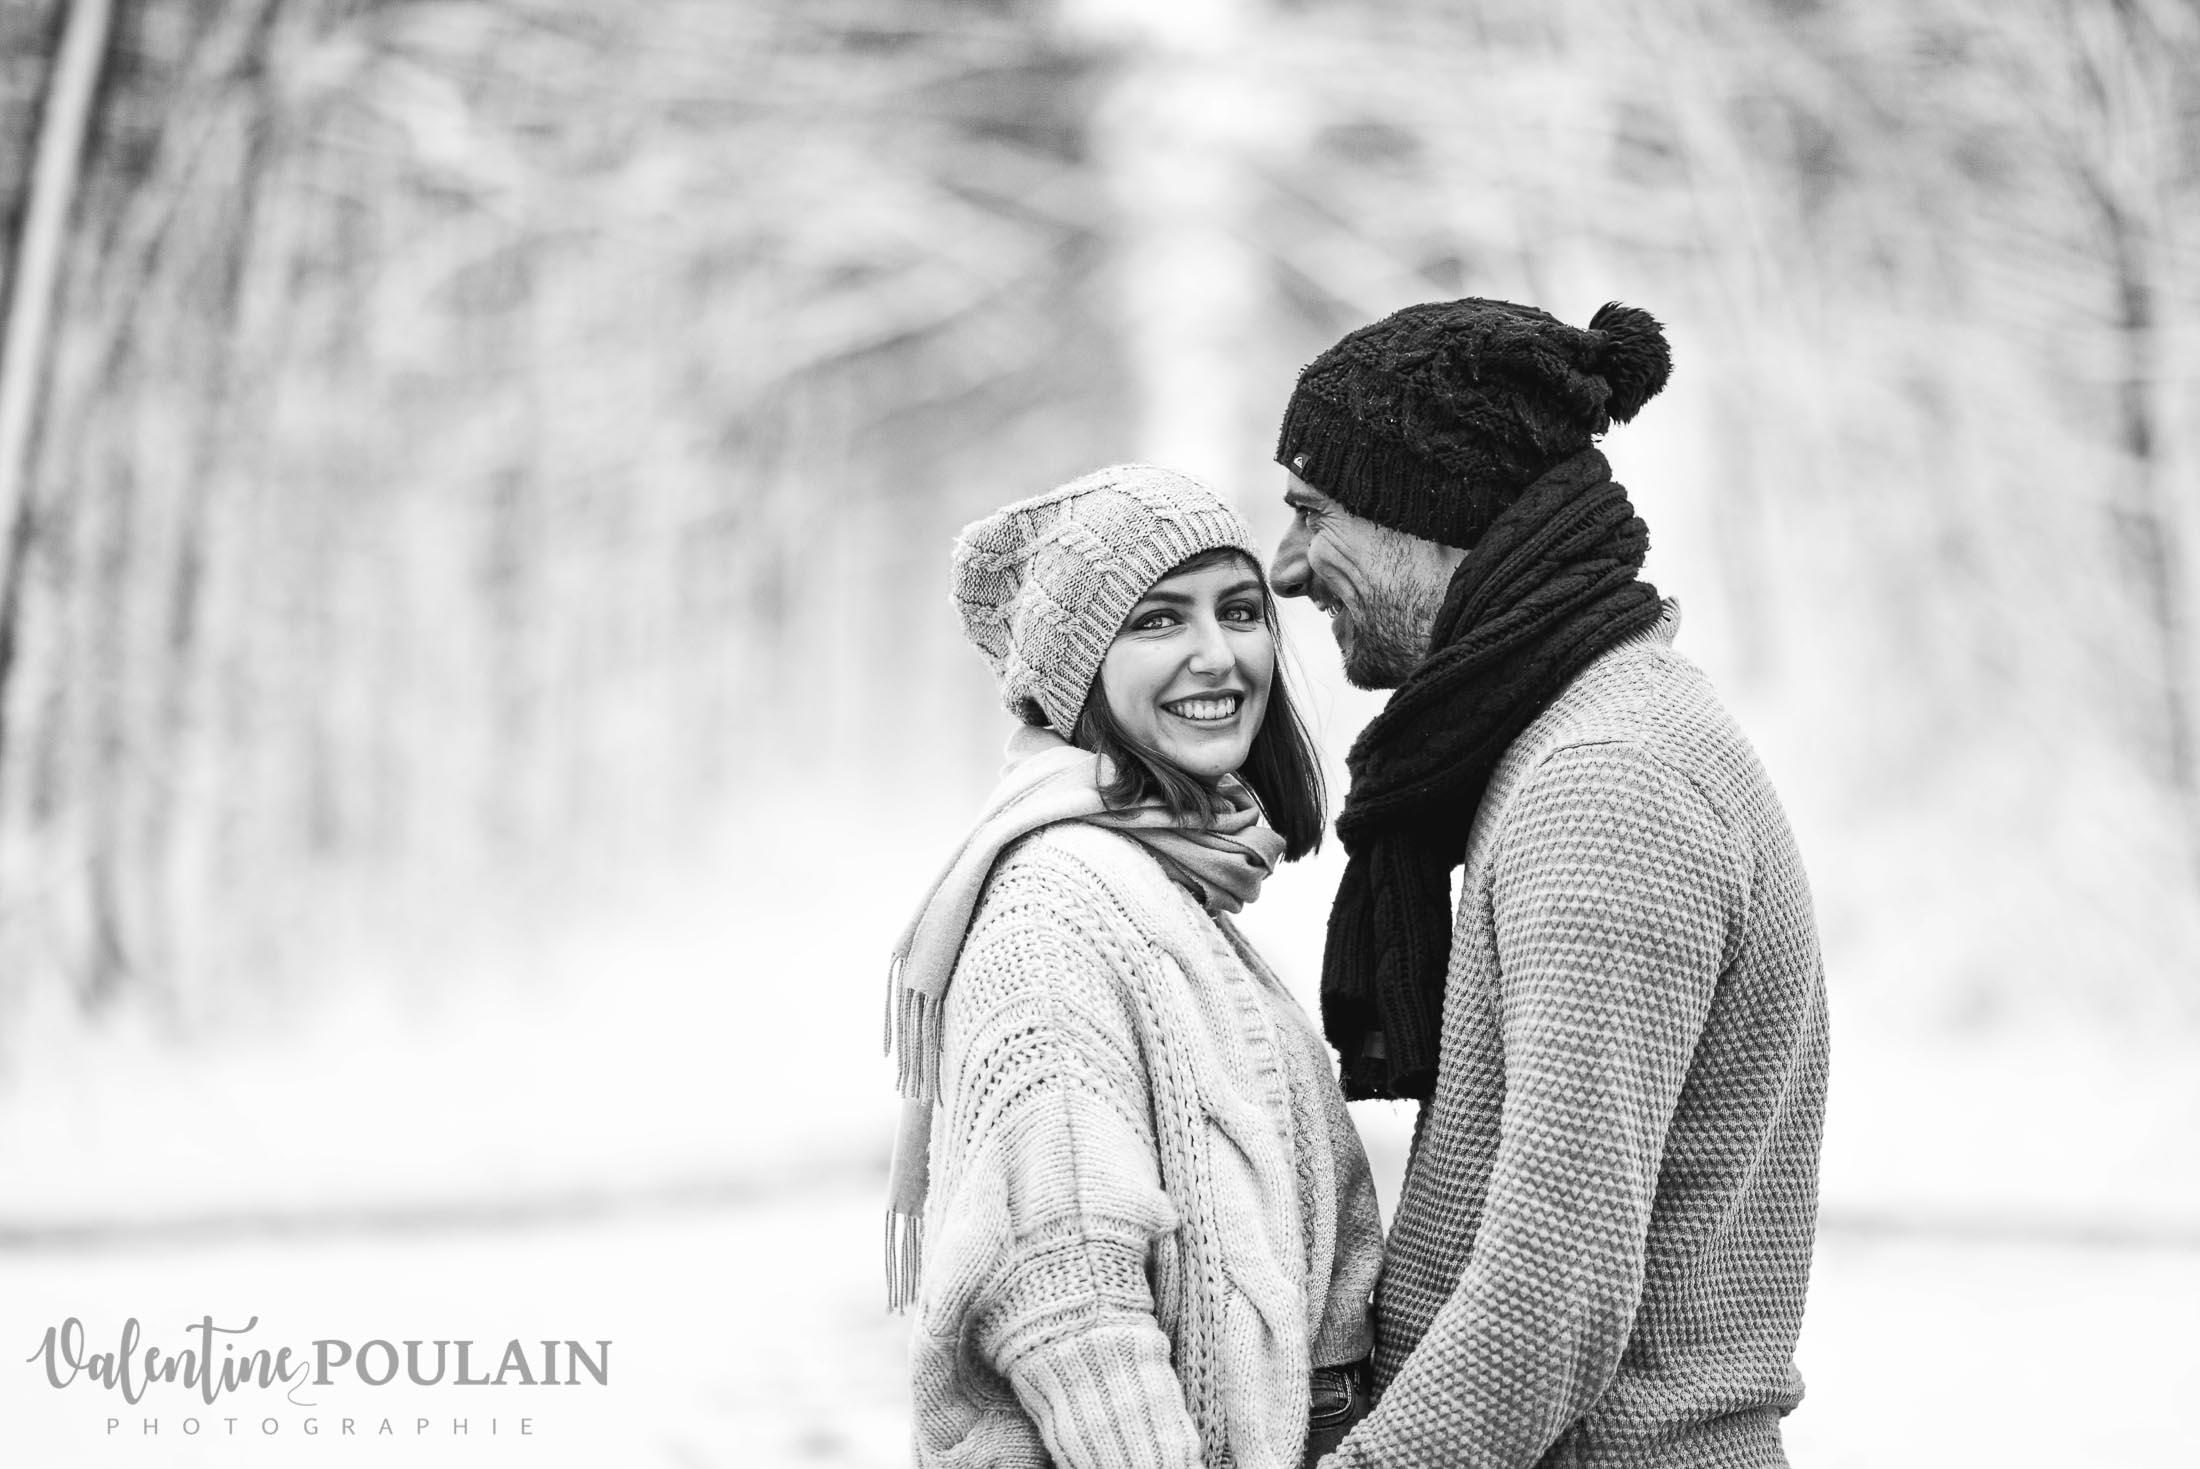 Shooting couple hivernal - Valentine Poulain elle